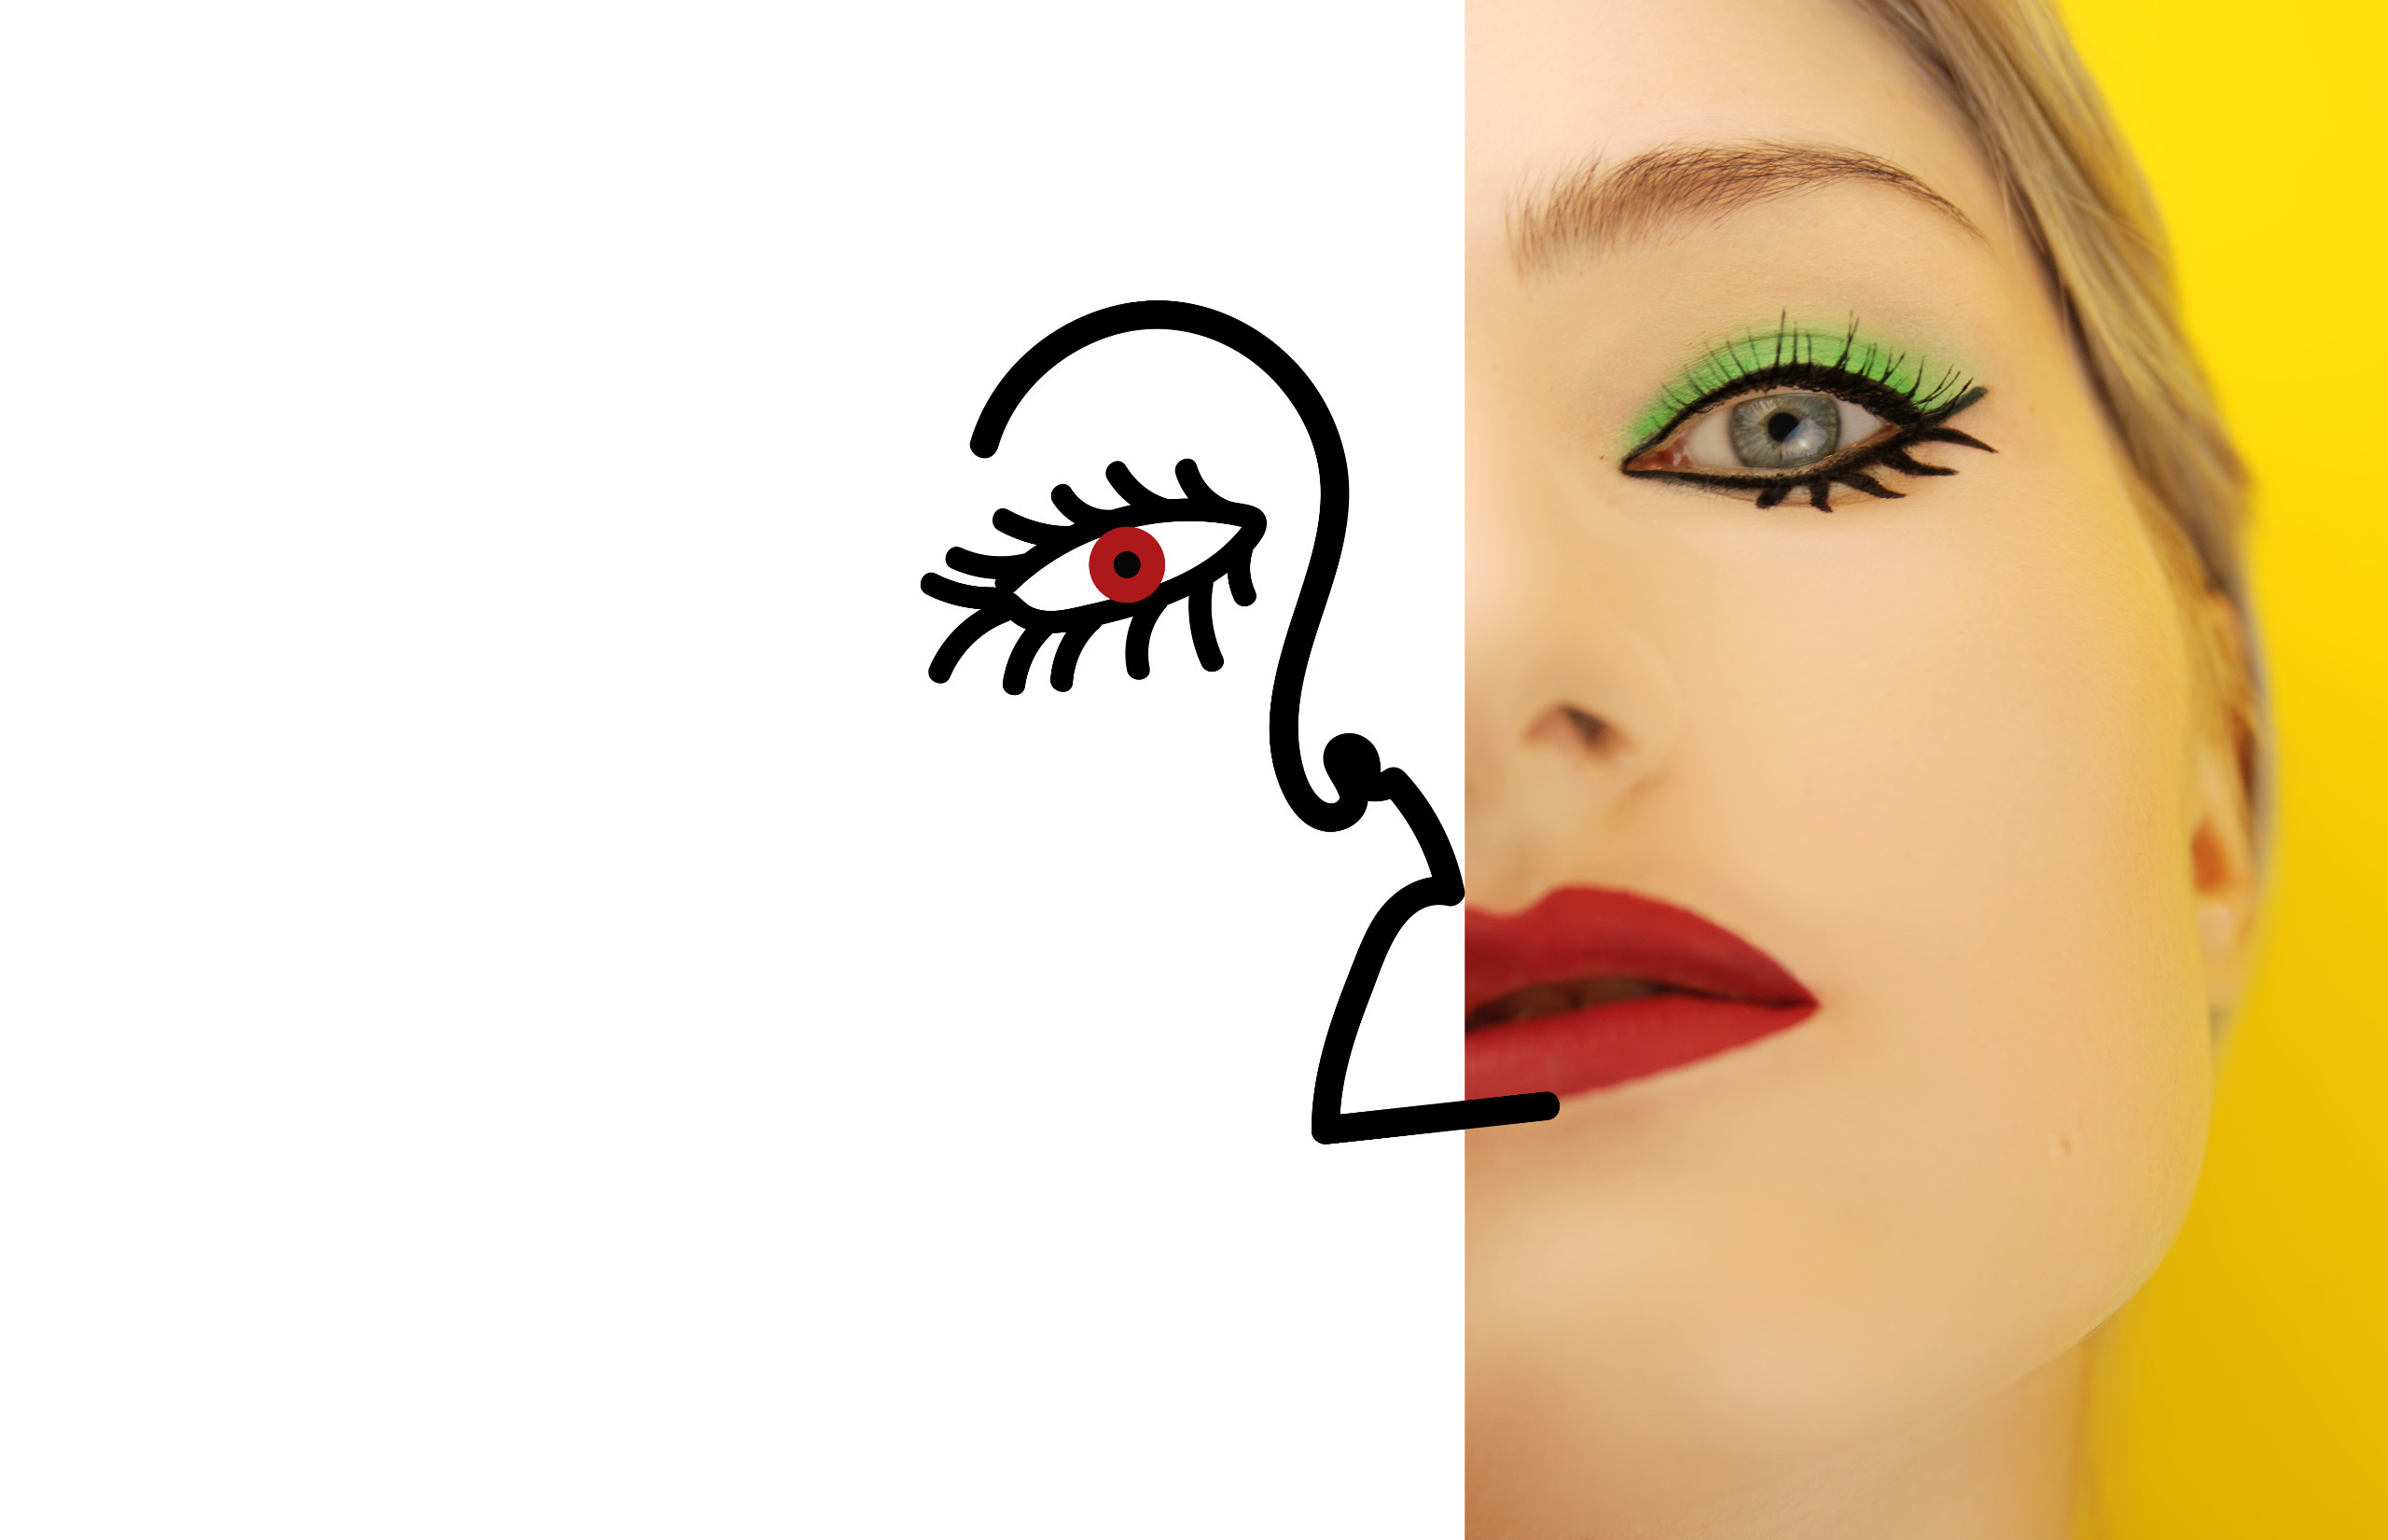 Zdjęcie przedstawia połowę twarzy młodej kobiety z czerwonymi ustami, druga połowa jest domalowana czarną kreską na białym tle.